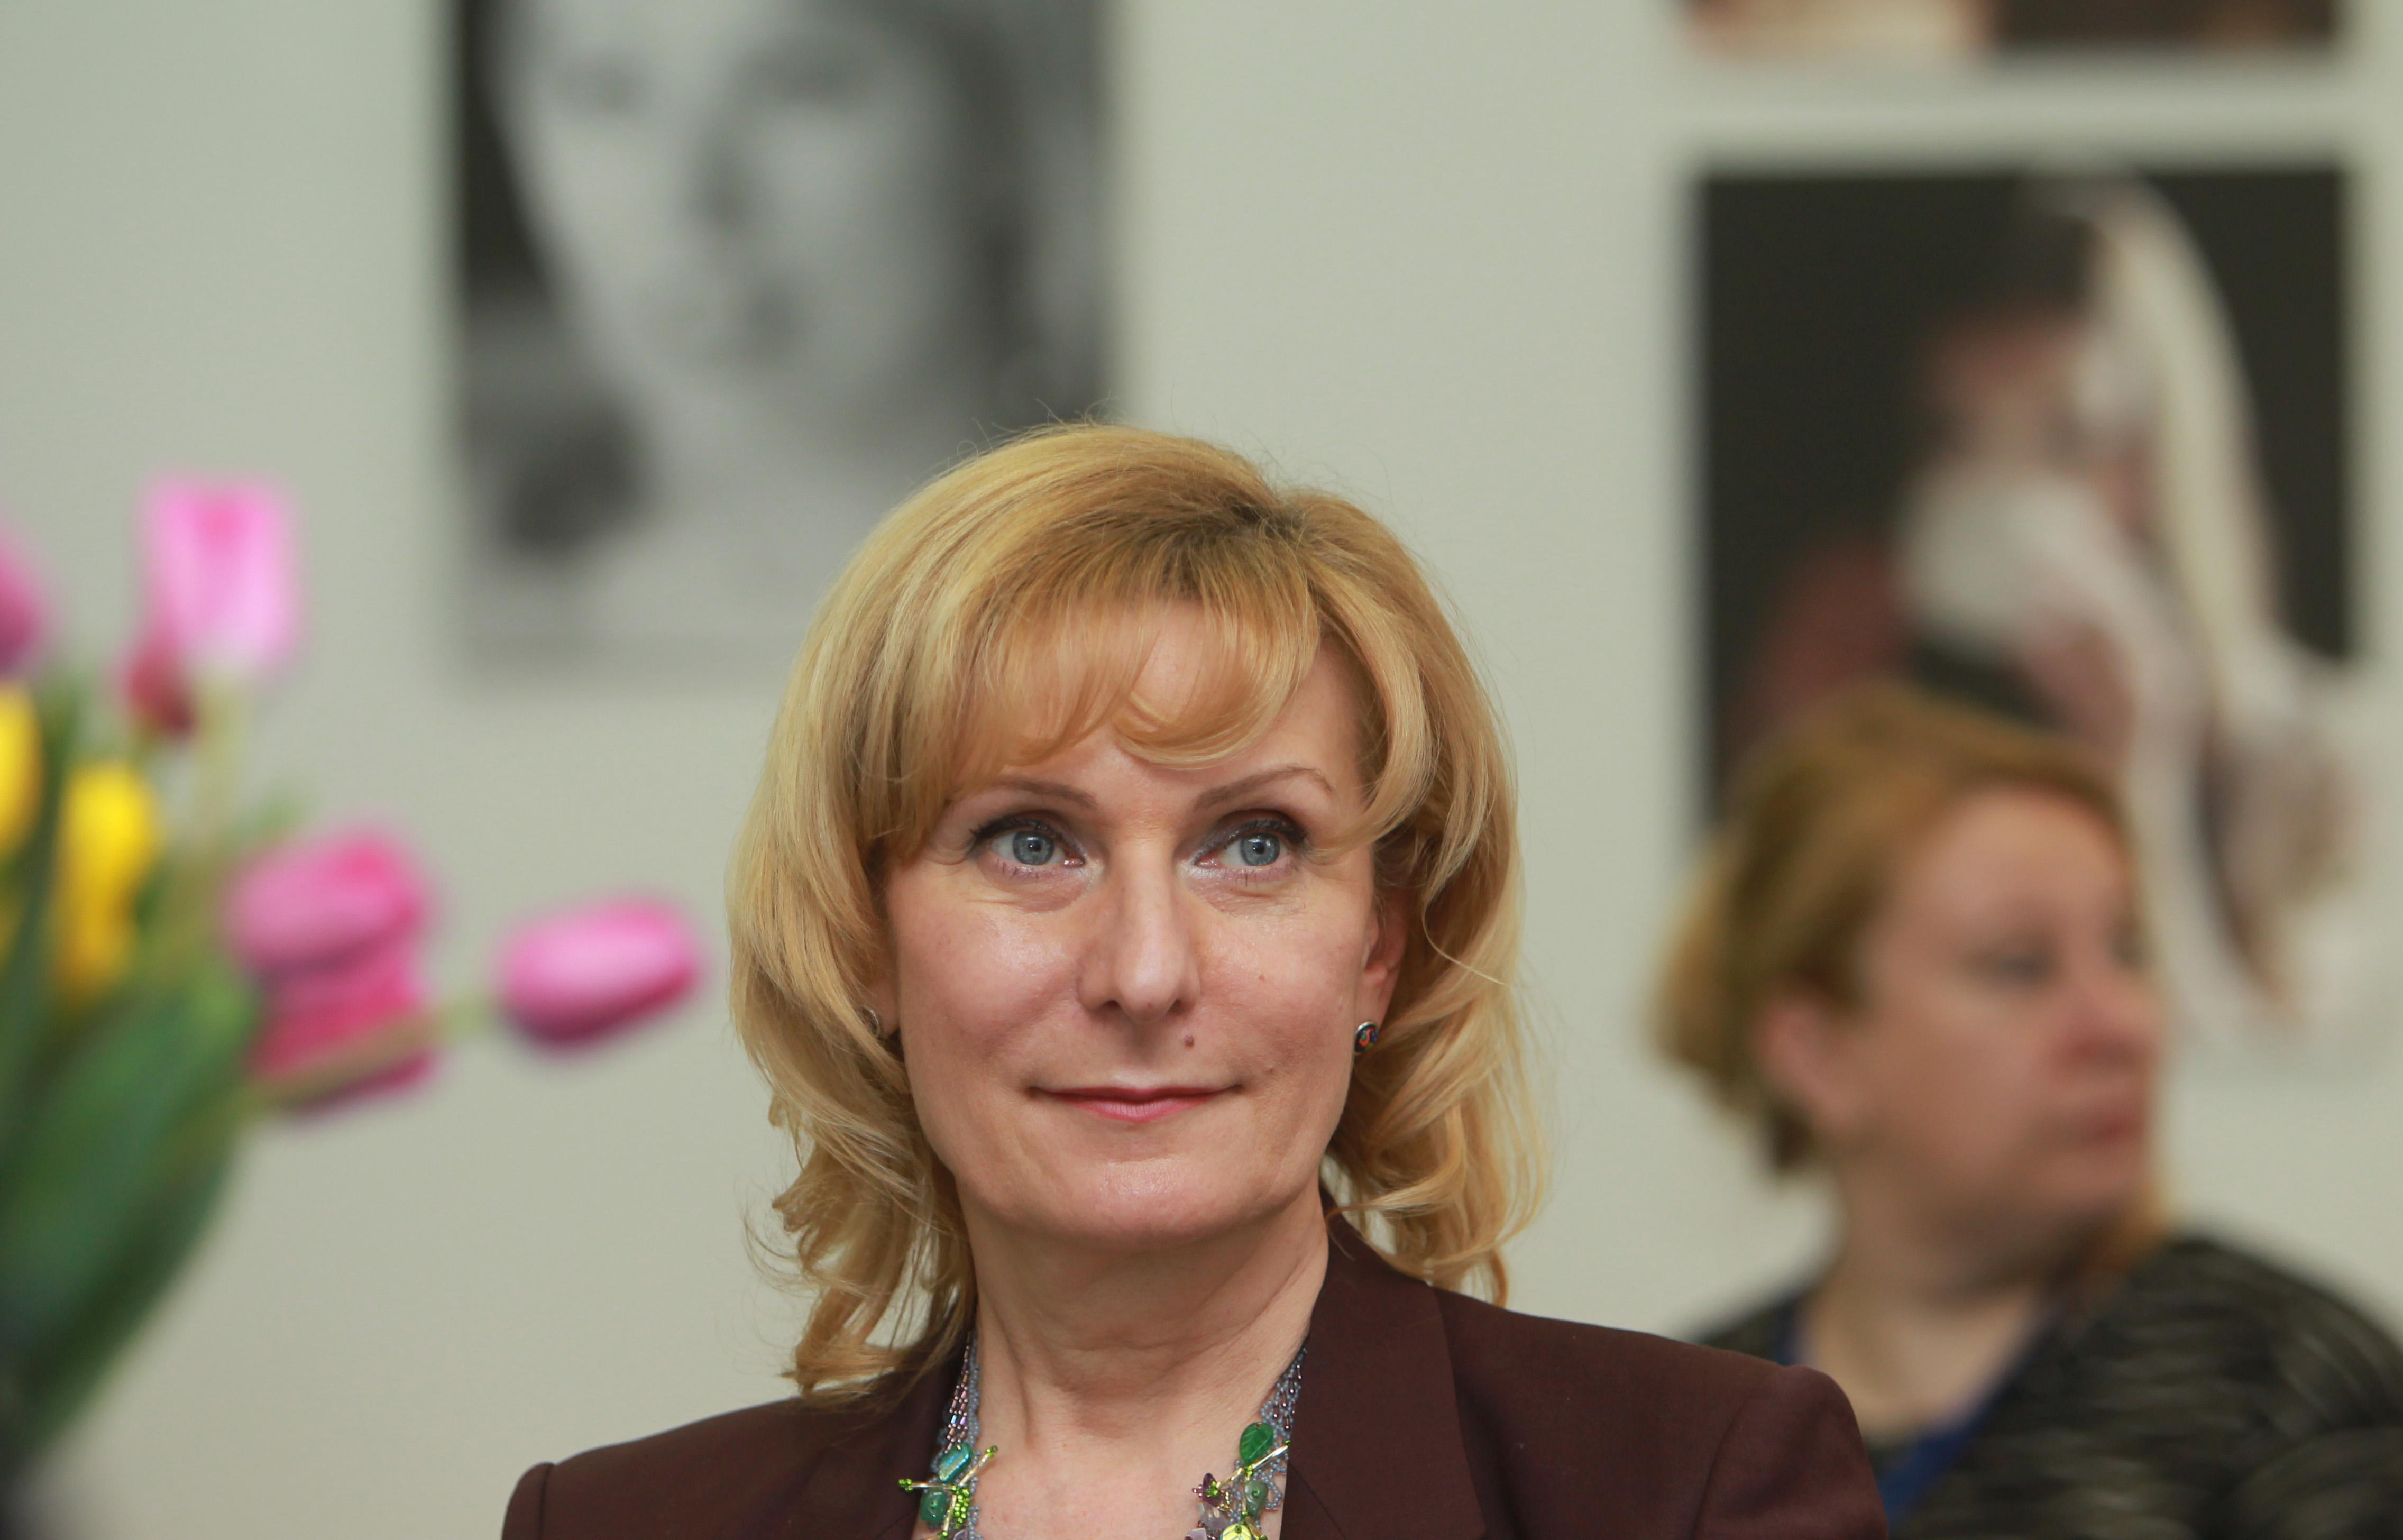 Член СФ Инна Святенко: «Московское долголетие» стало для многих способом реализации давних желаний